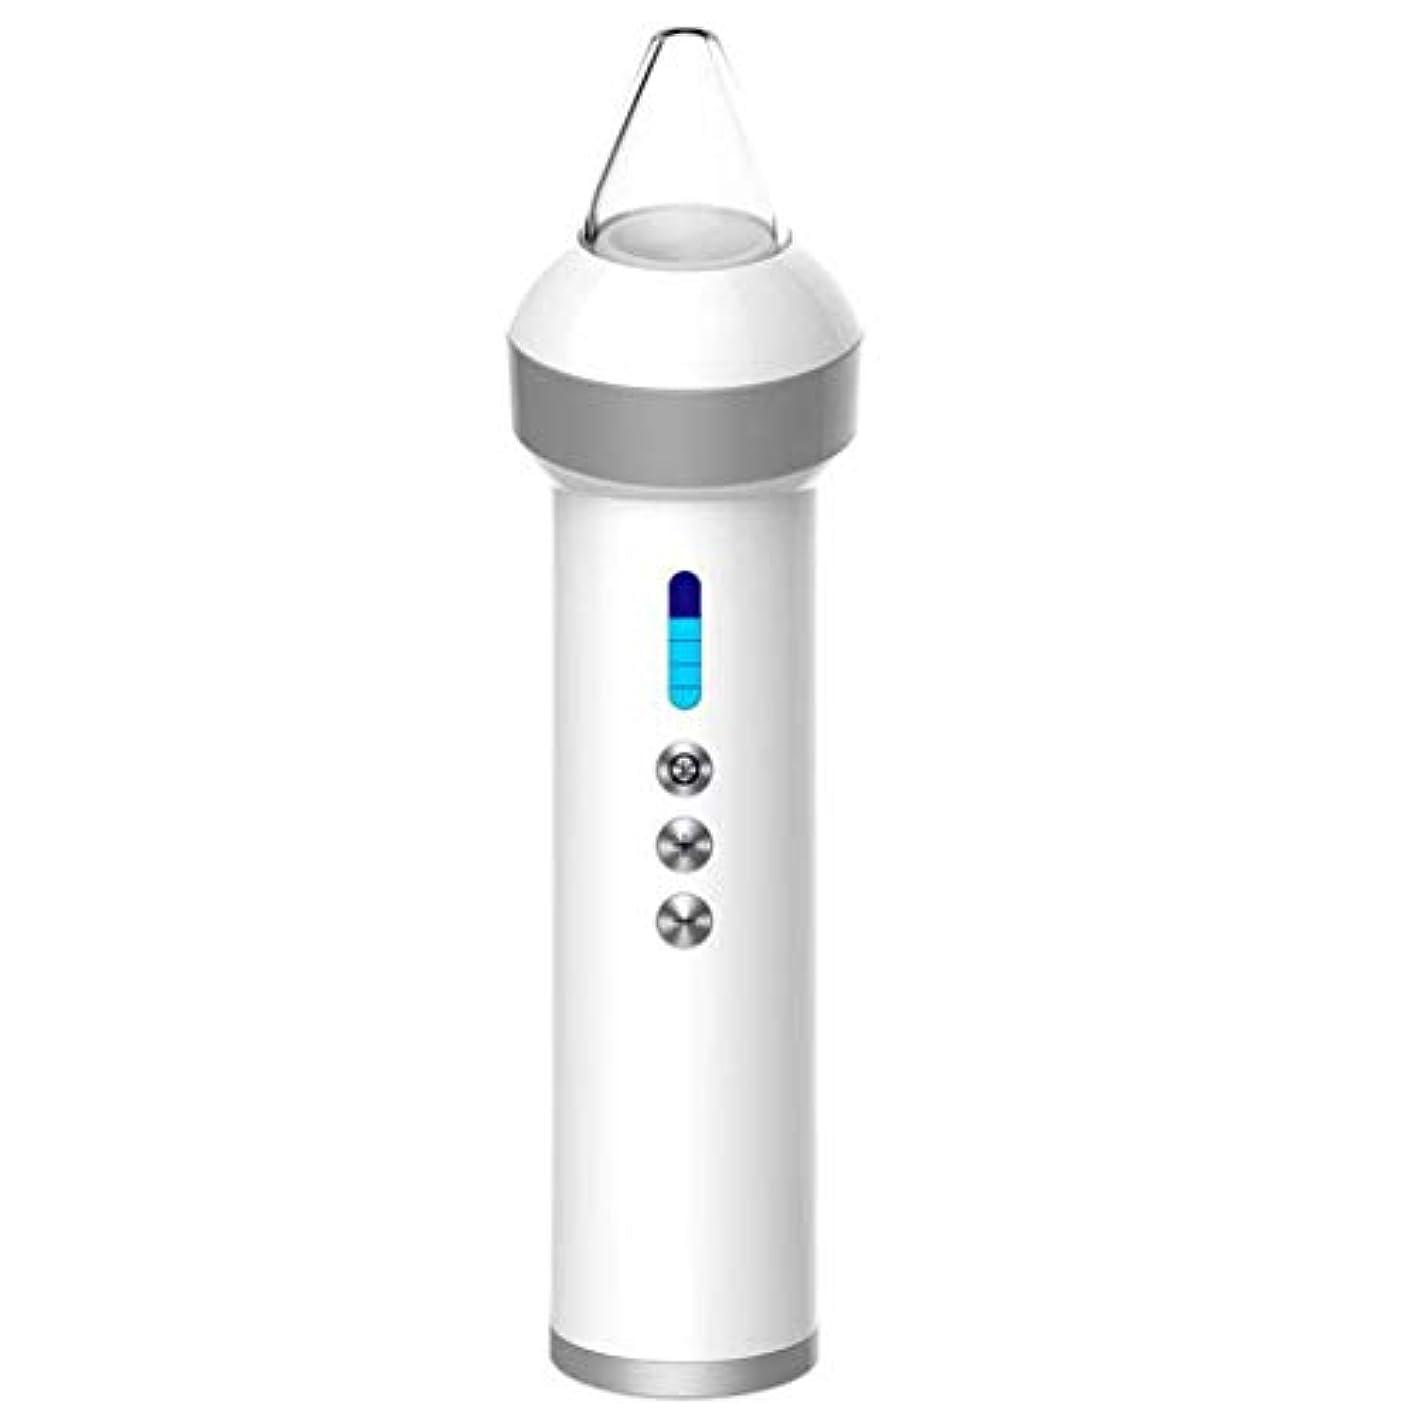 球状コントローラ違反する電気にきび楽器電気にきびにきび抽出器USB充電式電気皮膚毛穴クレンザー